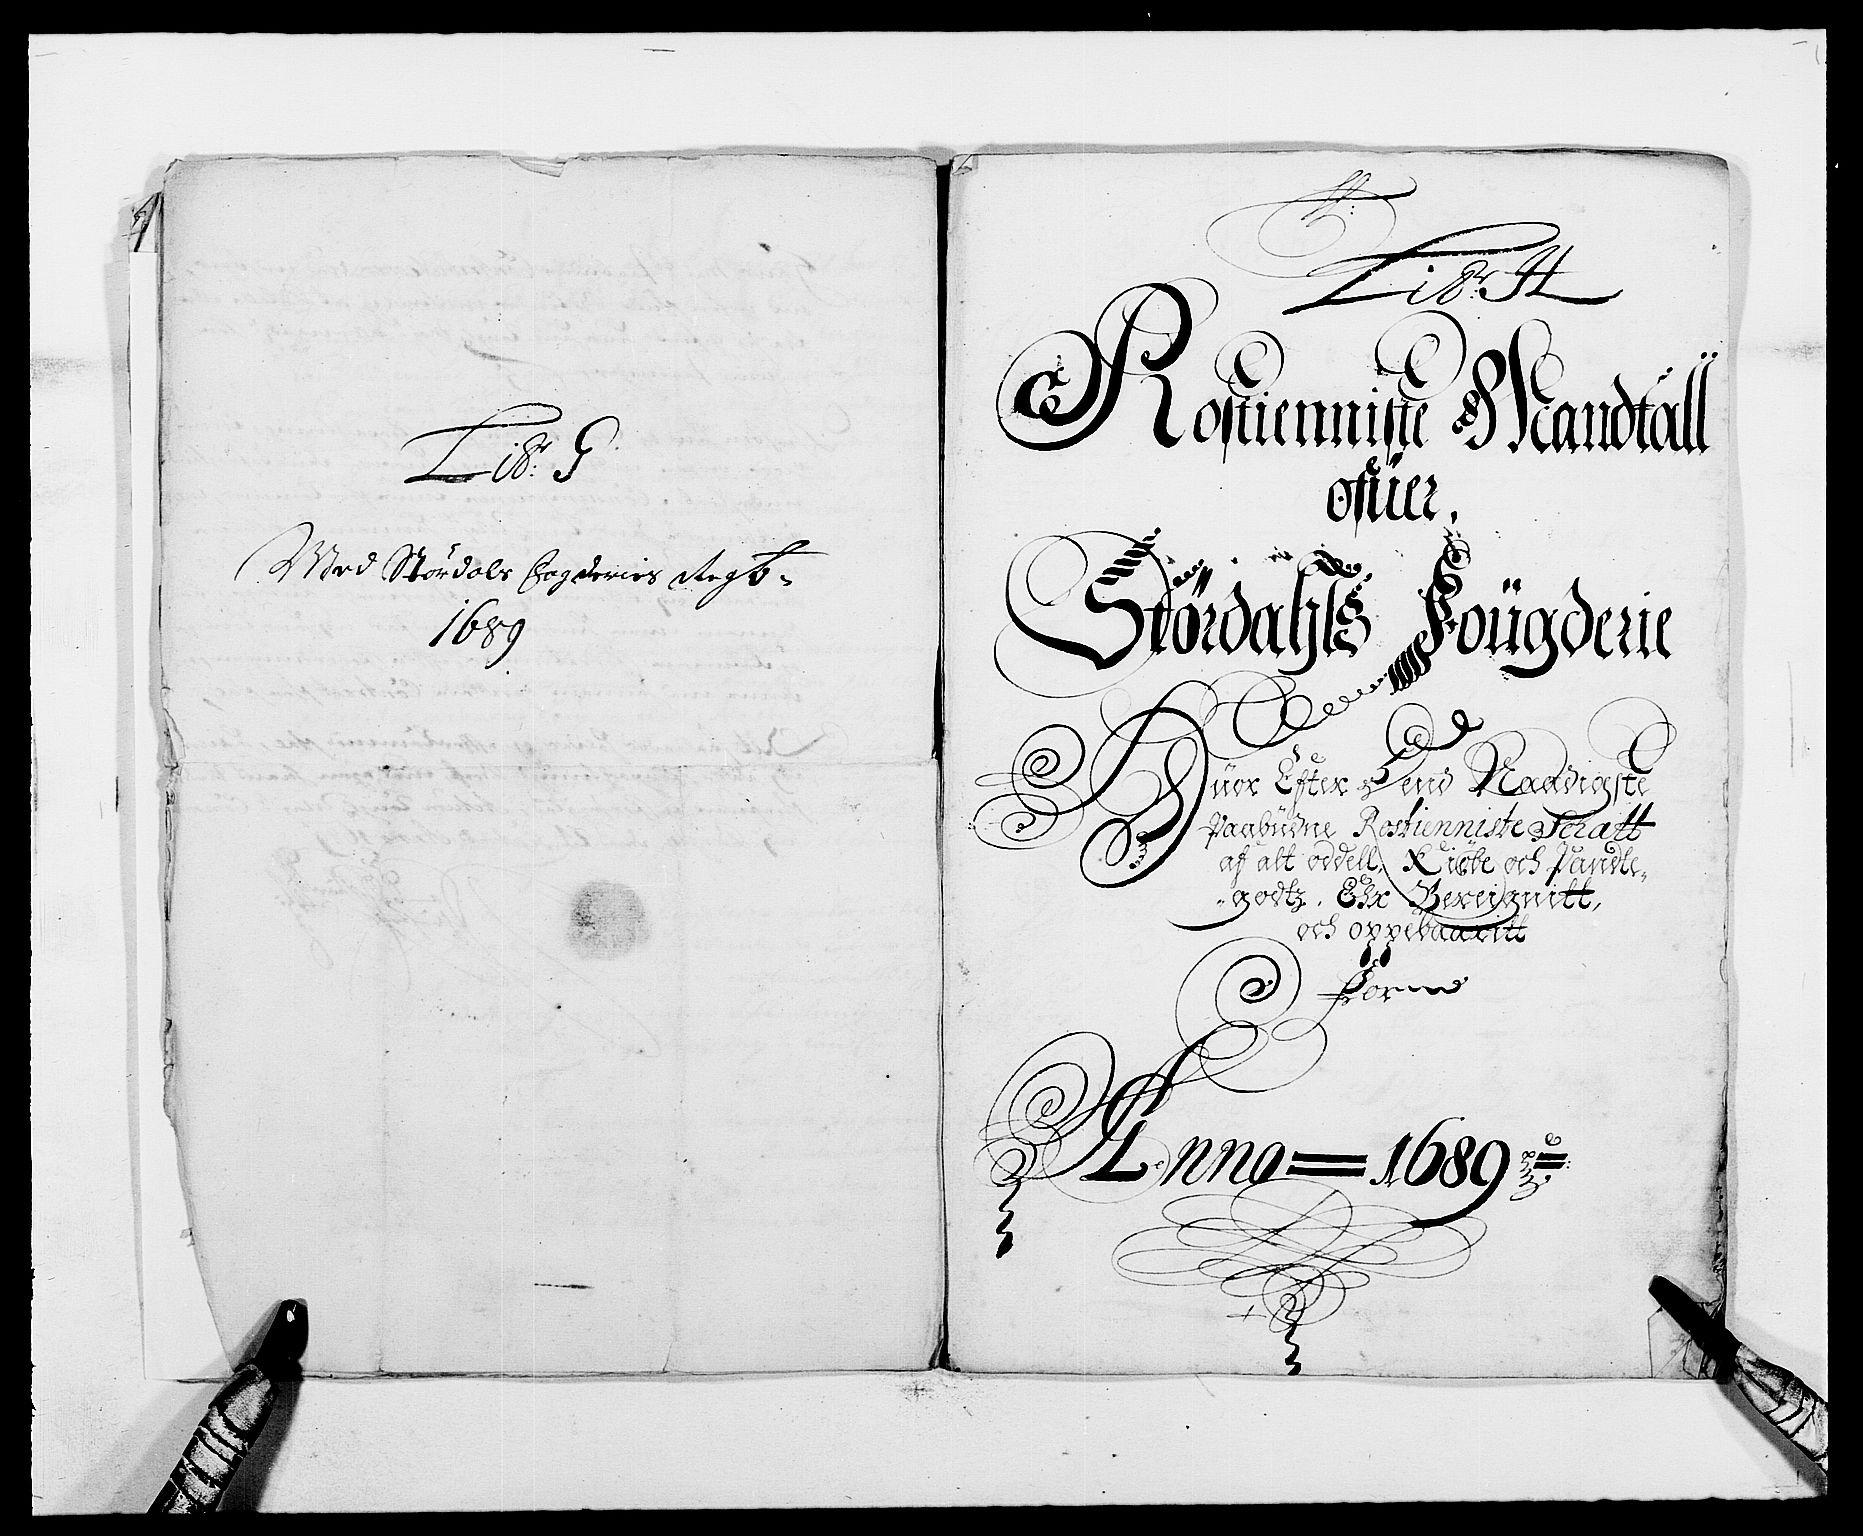 RA, Rentekammeret inntil 1814, Reviderte regnskaper, Fogderegnskap, R62/L4183: Fogderegnskap Stjørdal og Verdal, 1687-1689, s. 359